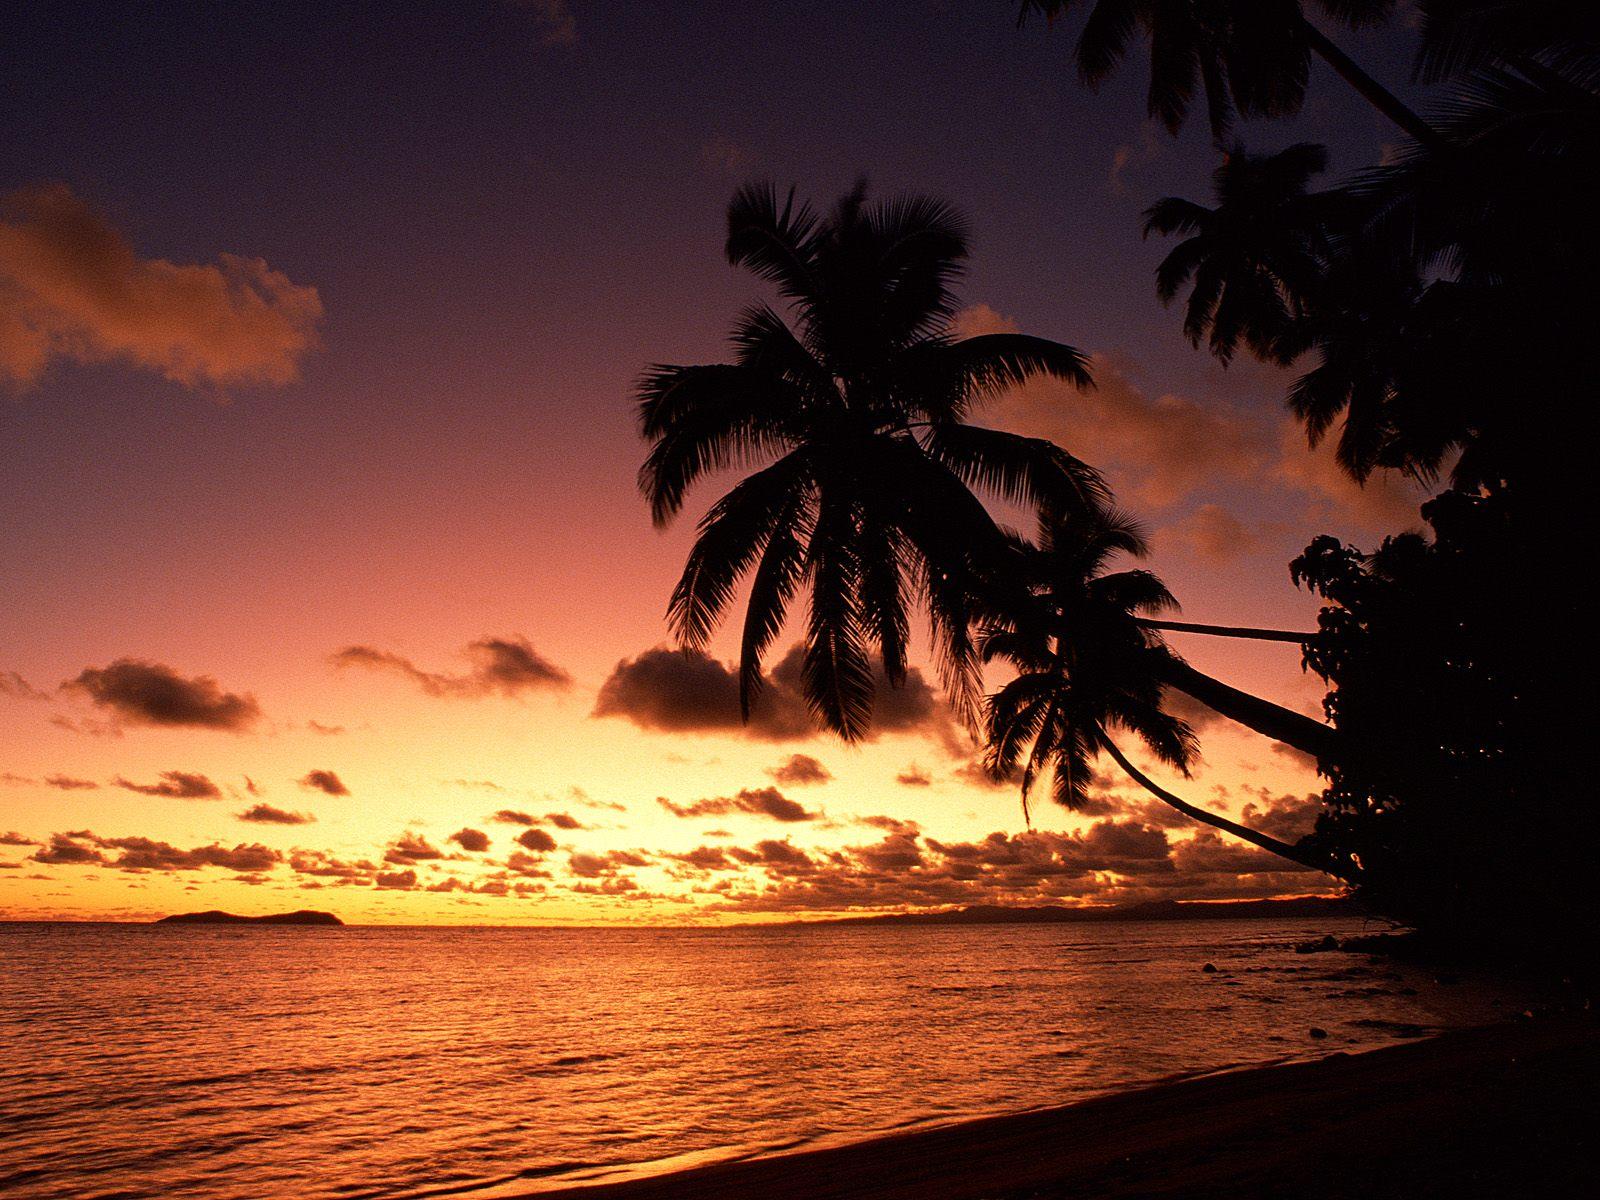 http://2.bp.blogspot.com/-VLmVF1uqlB8/TlTBFXGw2HI/AAAAAAAABMk/qagWlK9Dgwg/s1600/Island+Sunset%252C+Fiji.jpg